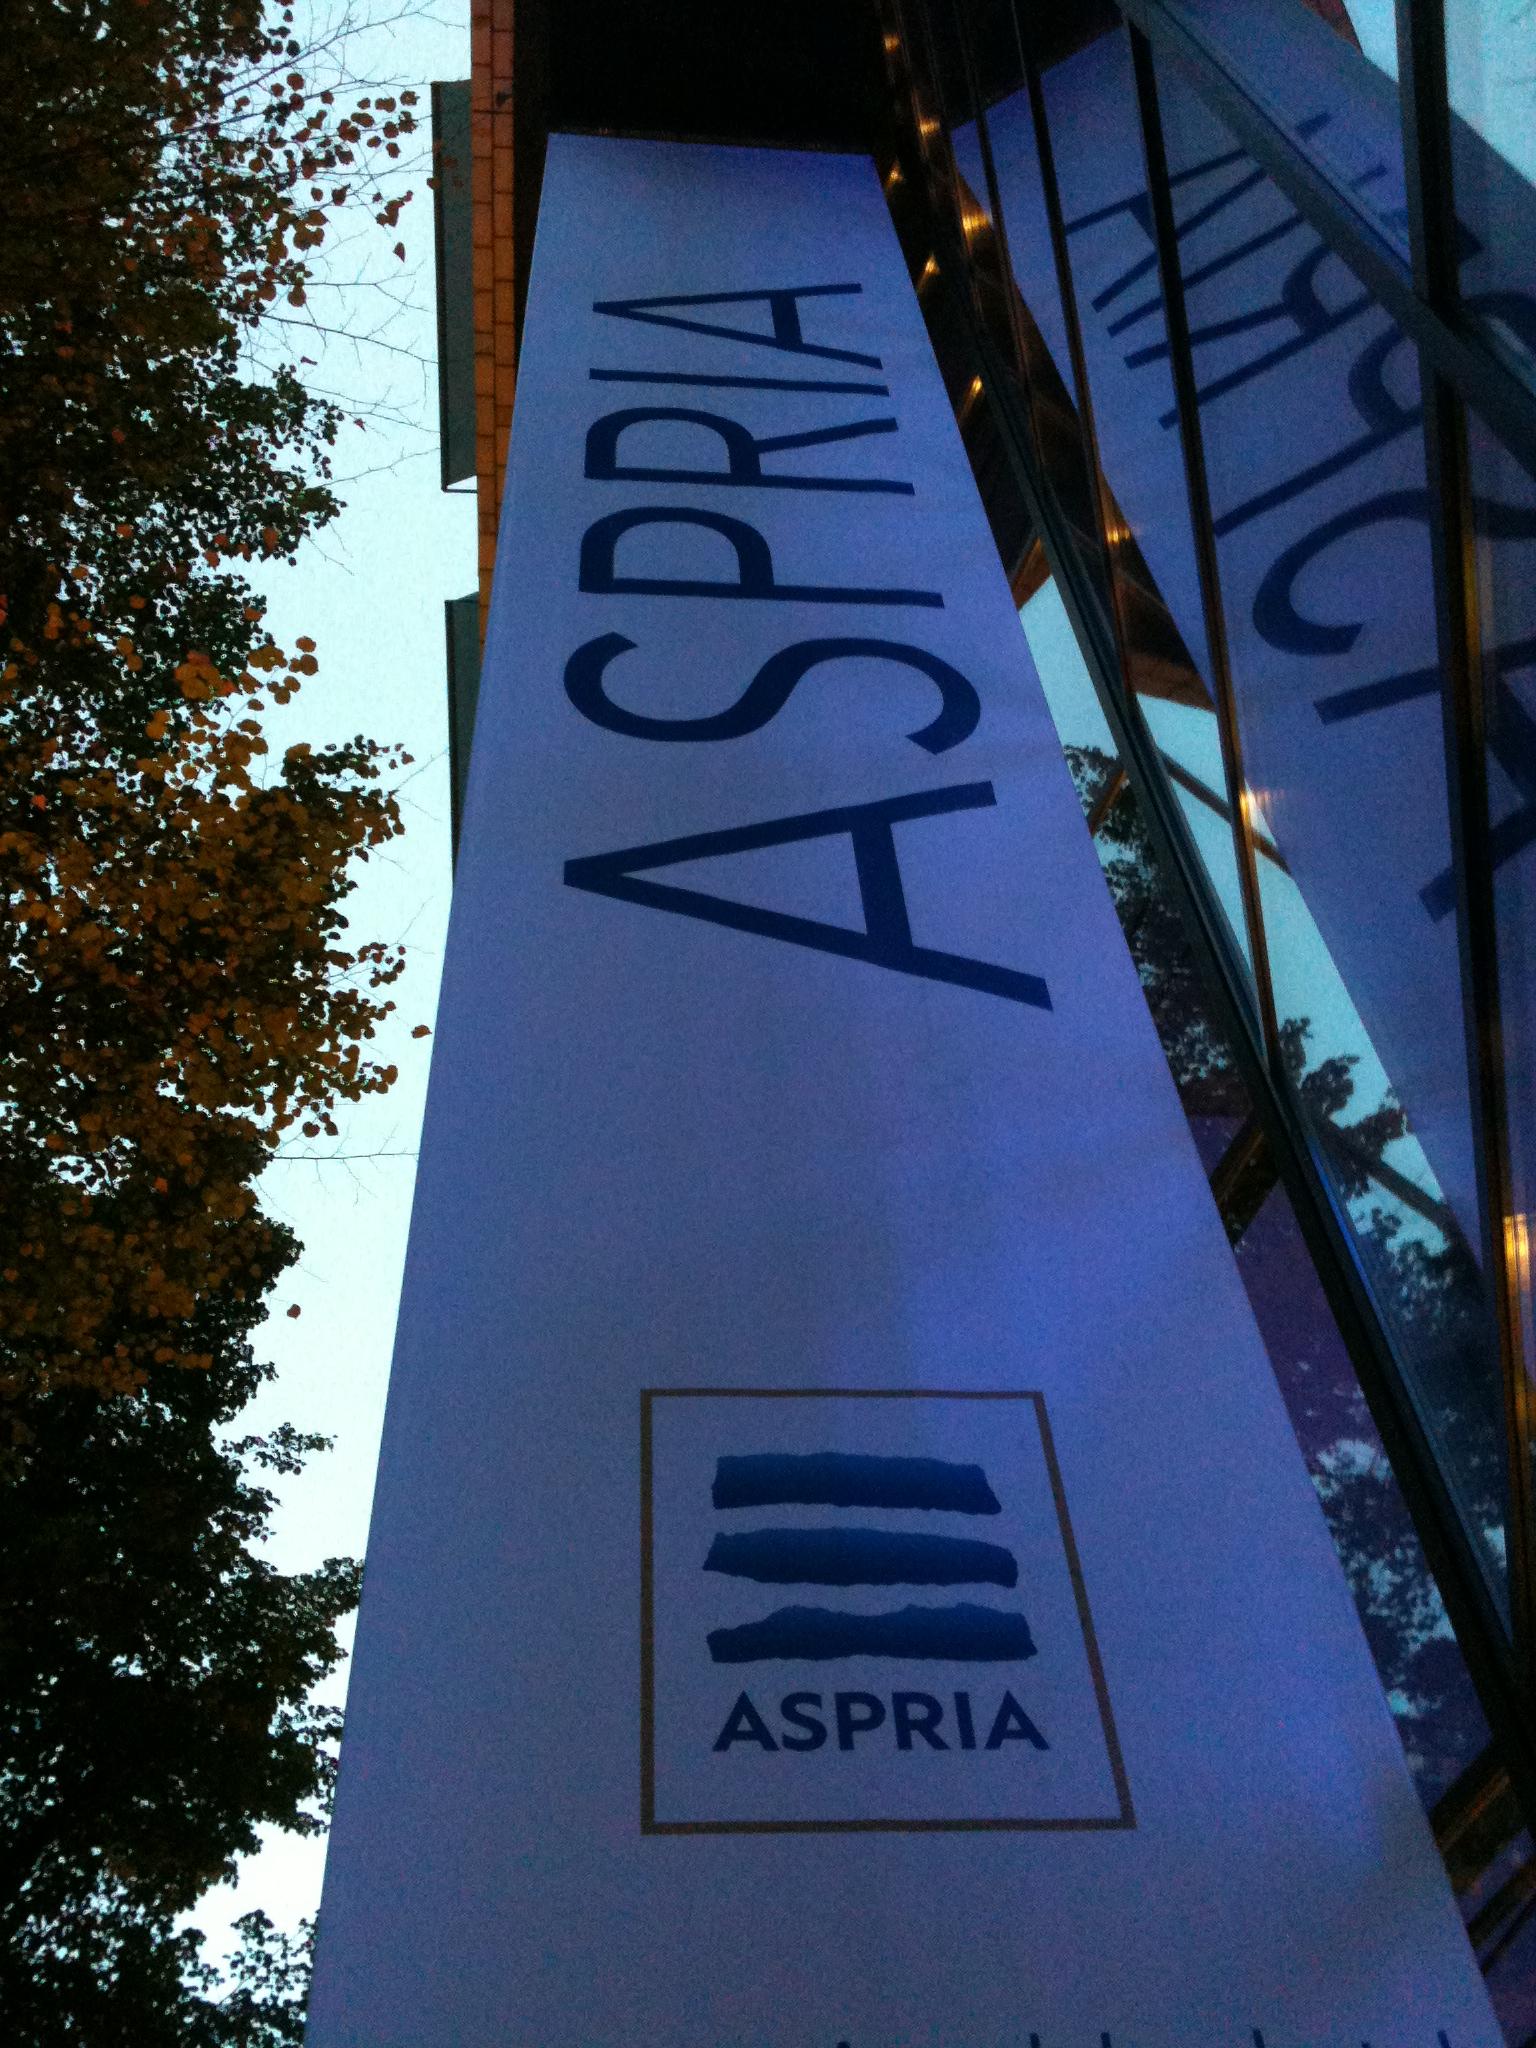 Das Aspria in der Karlsruher Straße